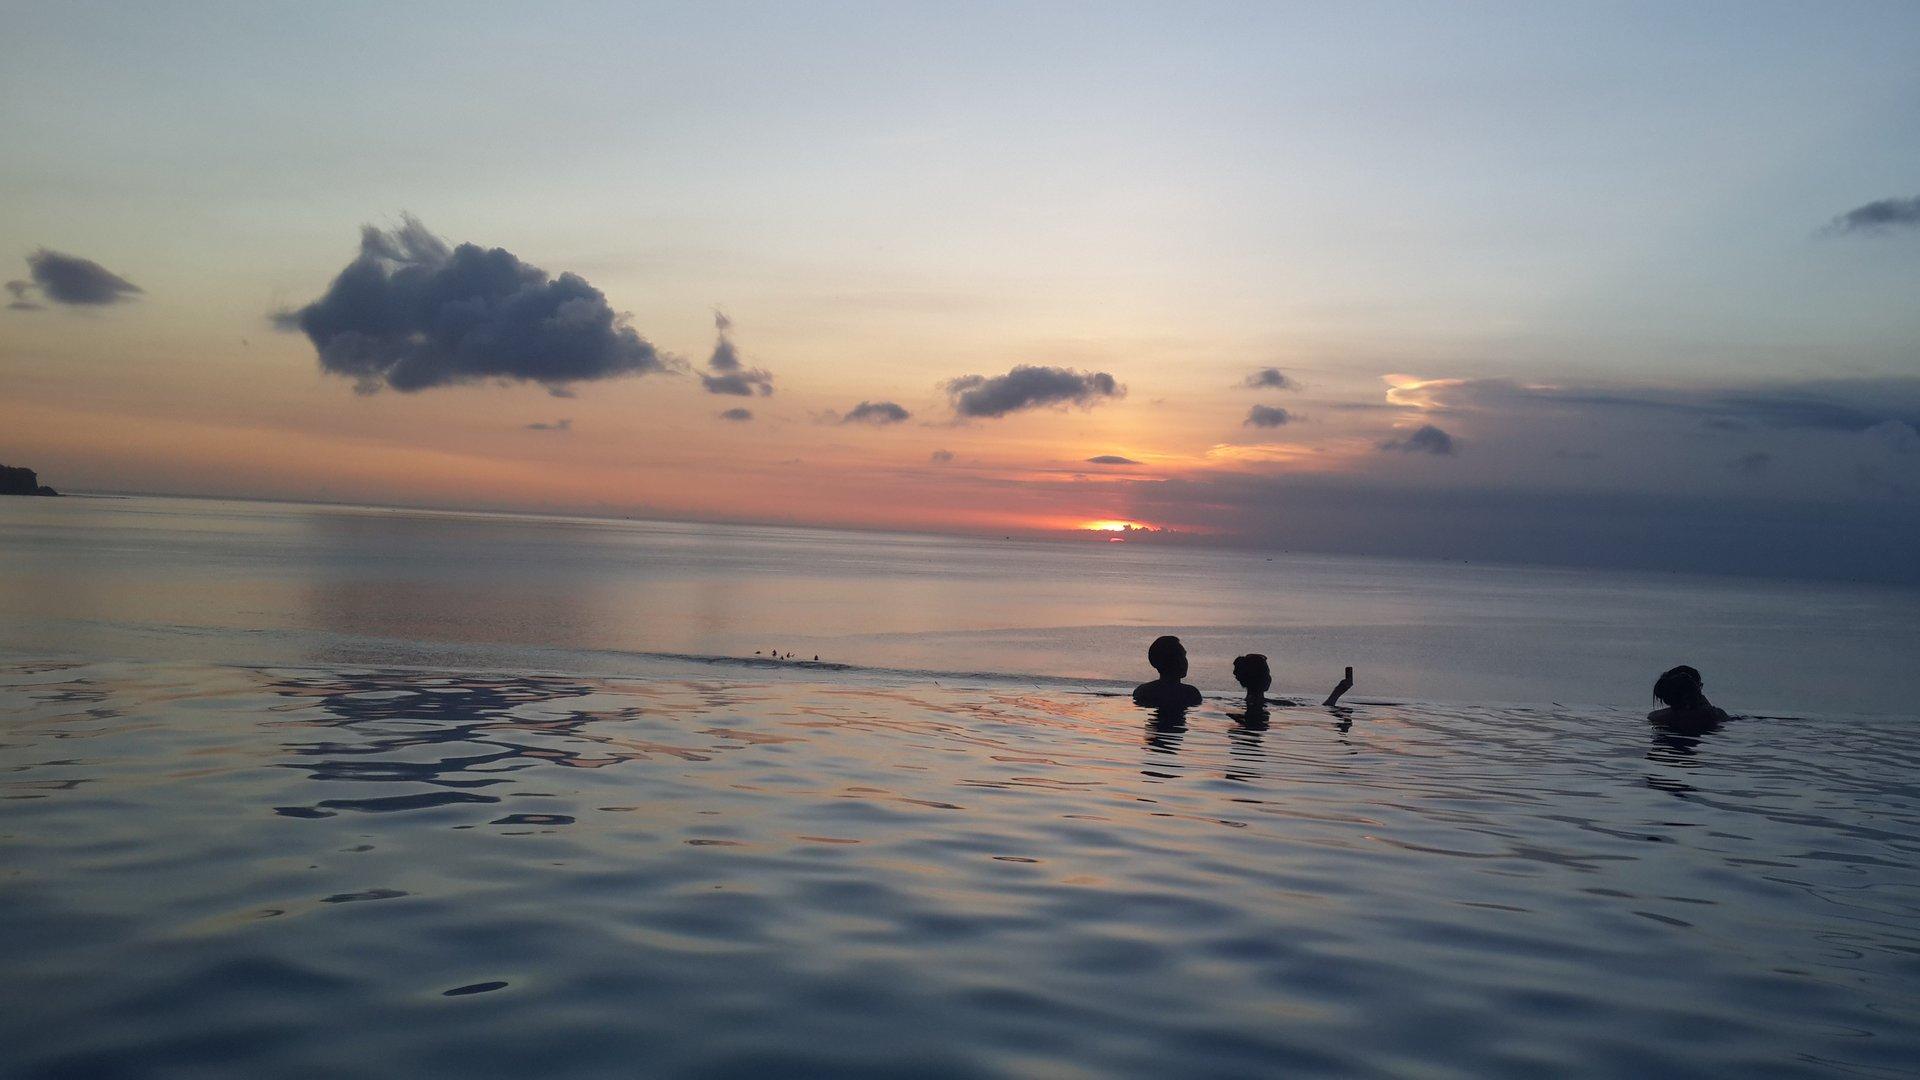 【含接送】巴厘岛梦幻海滩俱乐部午餐 神鹰广场 蓝点下午茶 金巴兰